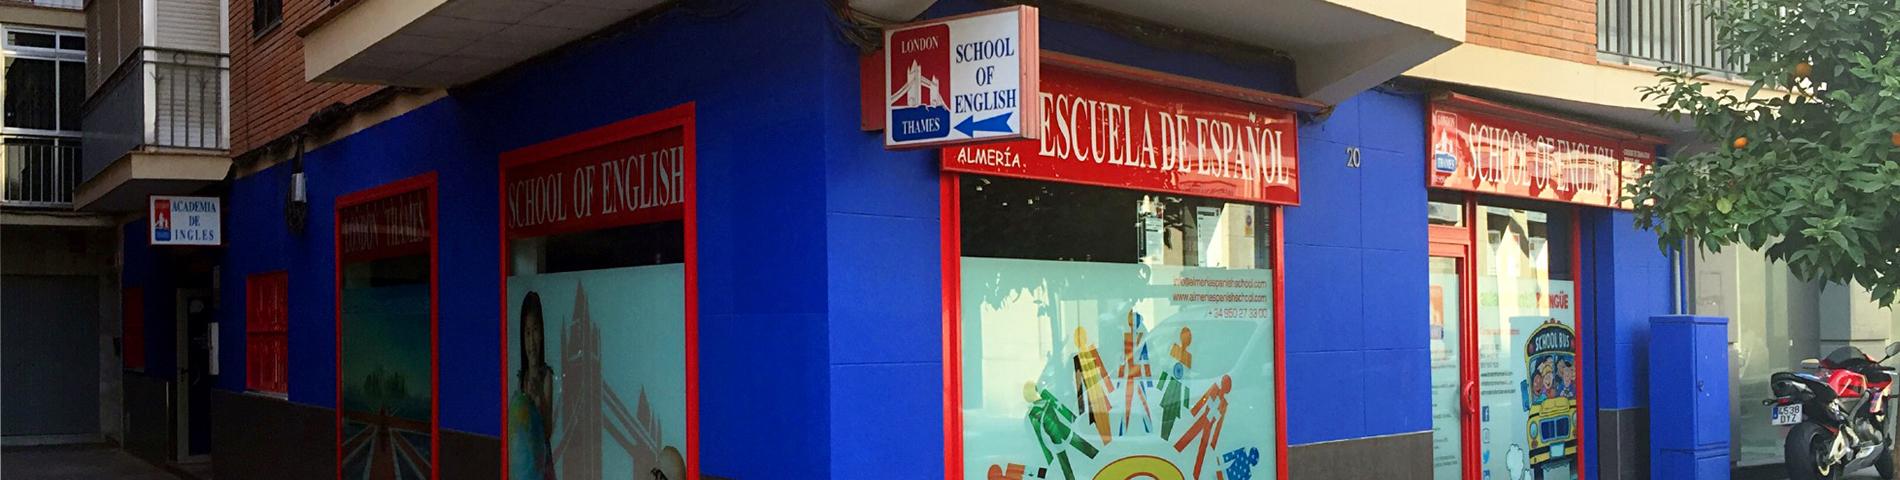 Almeria Spanish School picture 1